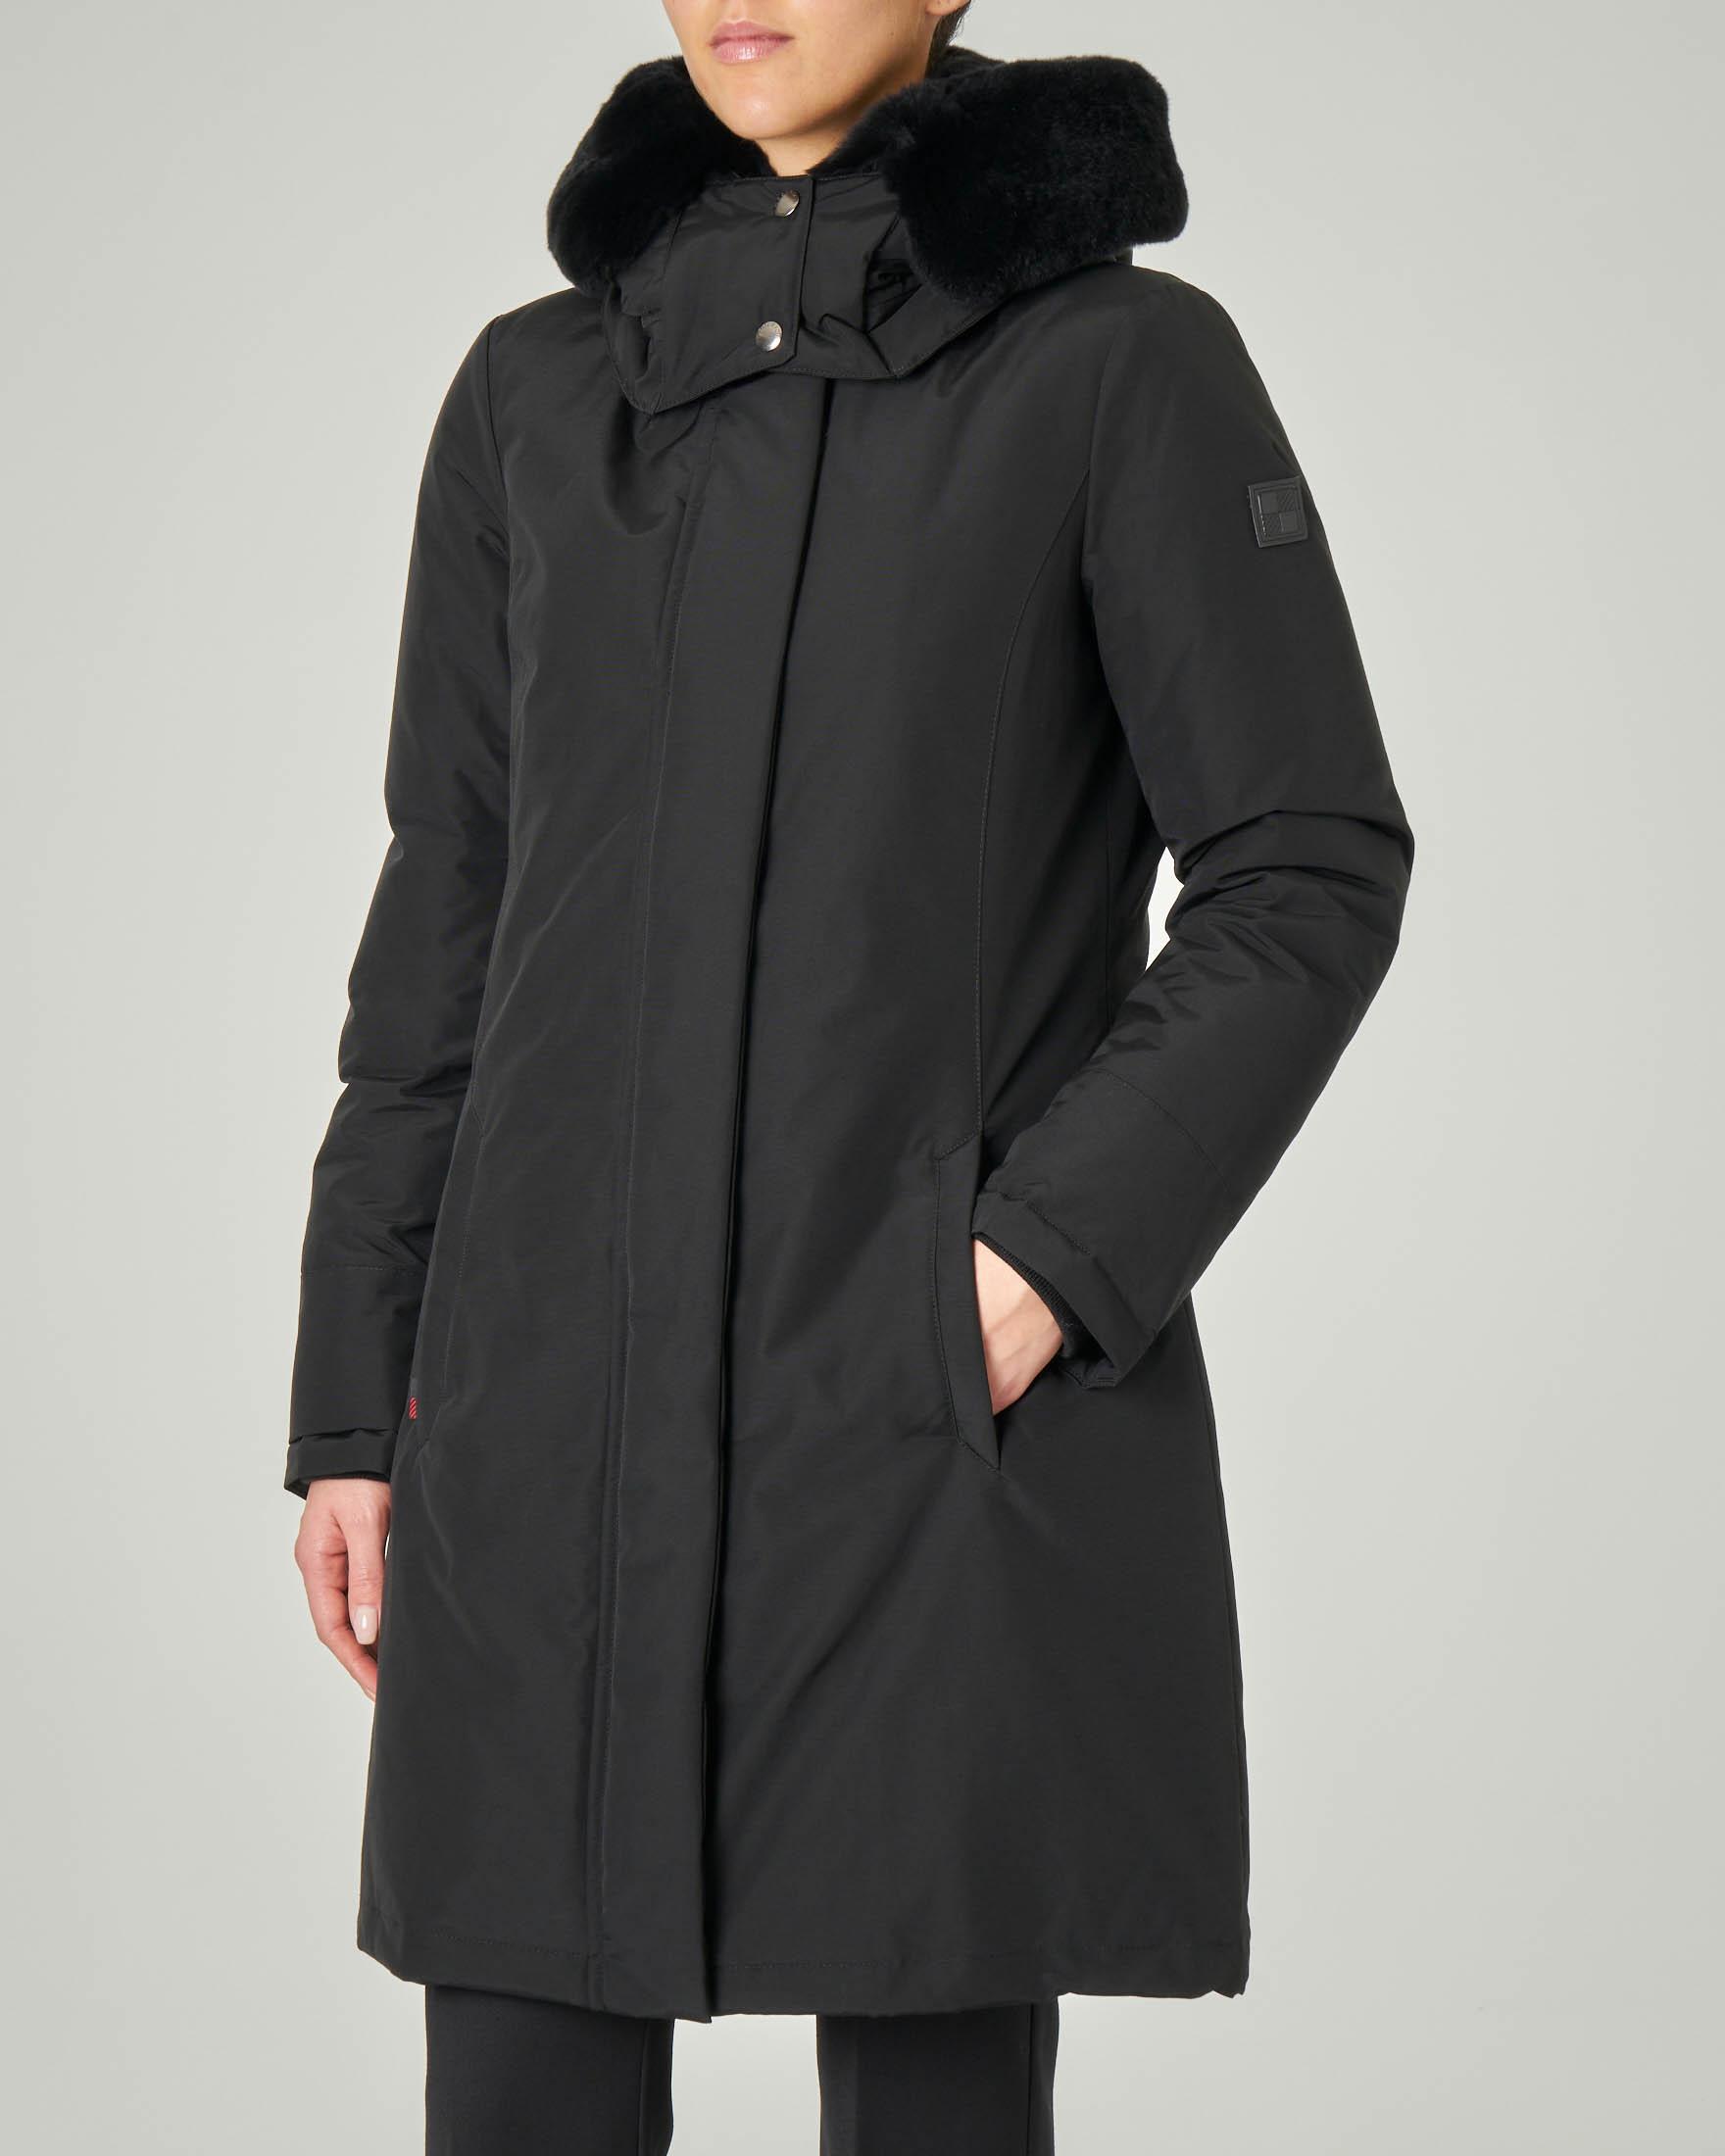 W'S Bow Bridge Coat nero con cappuccio con fodera interna in pelliccia tono su tono